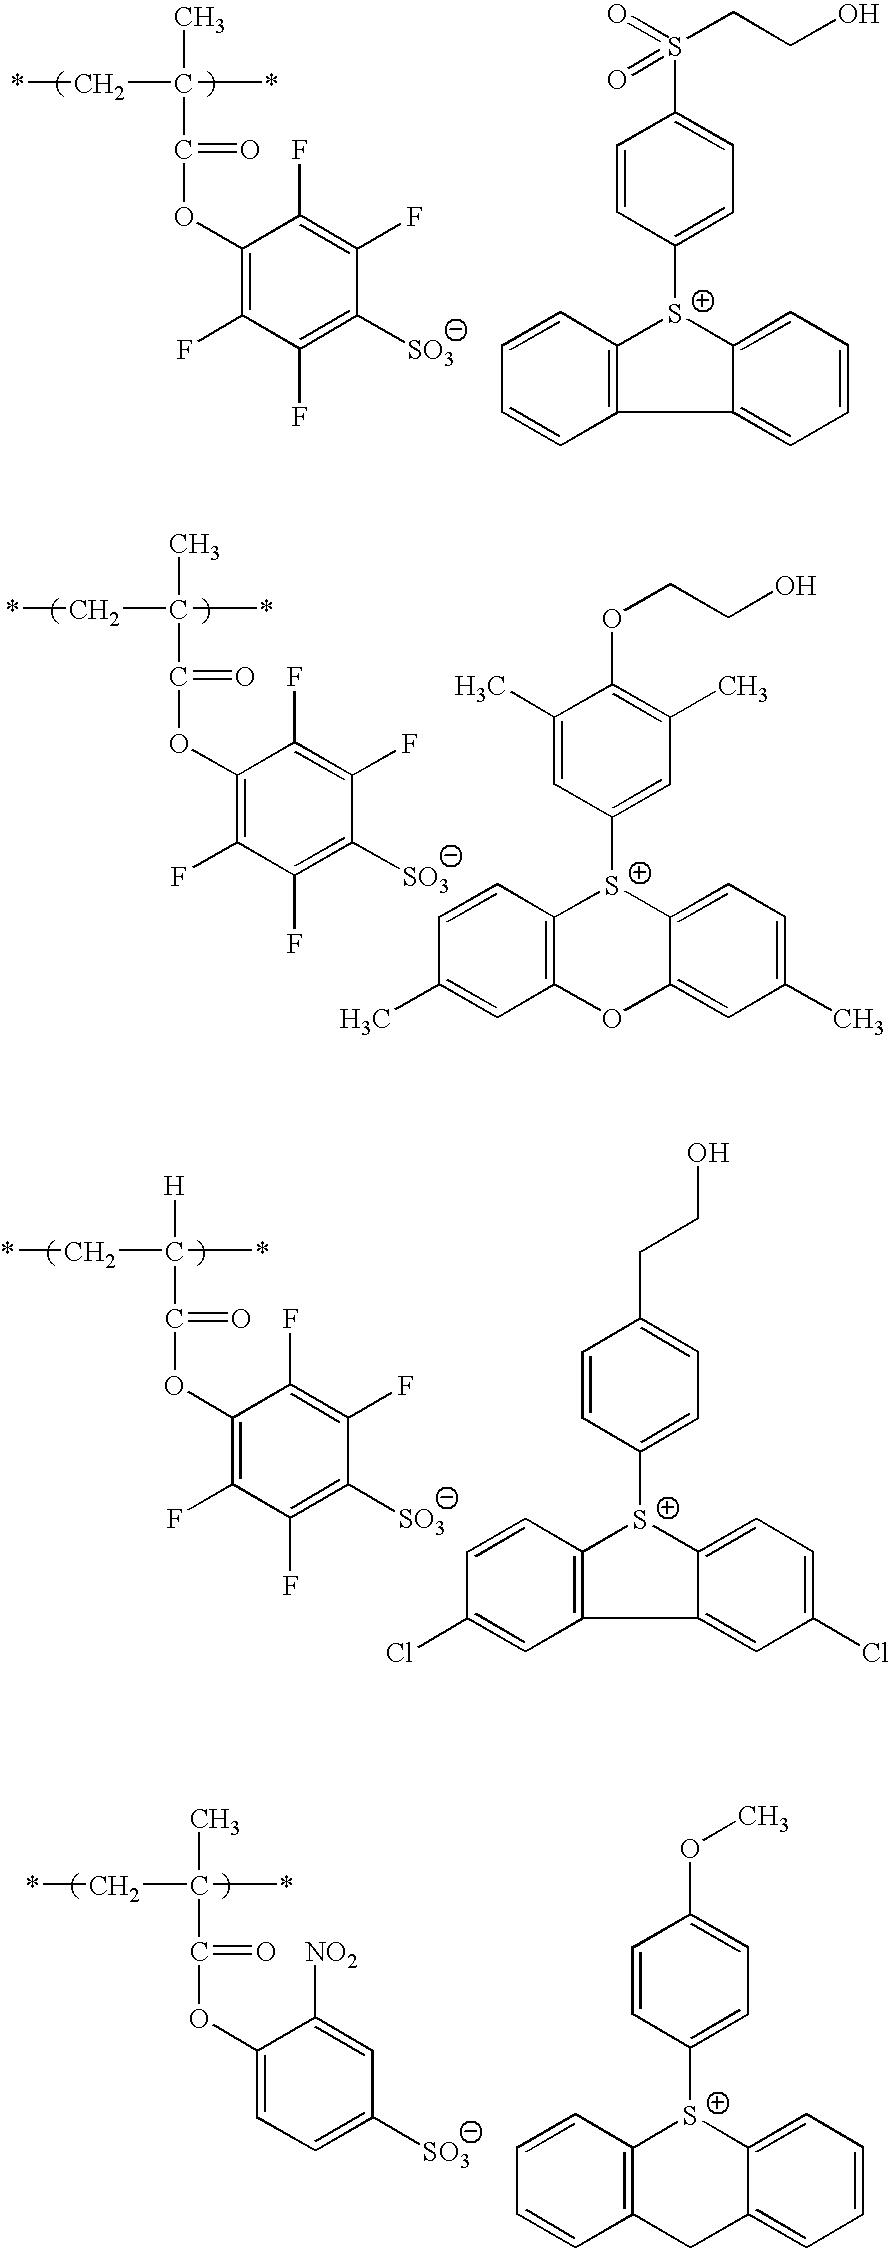 Figure US08852845-20141007-C00074